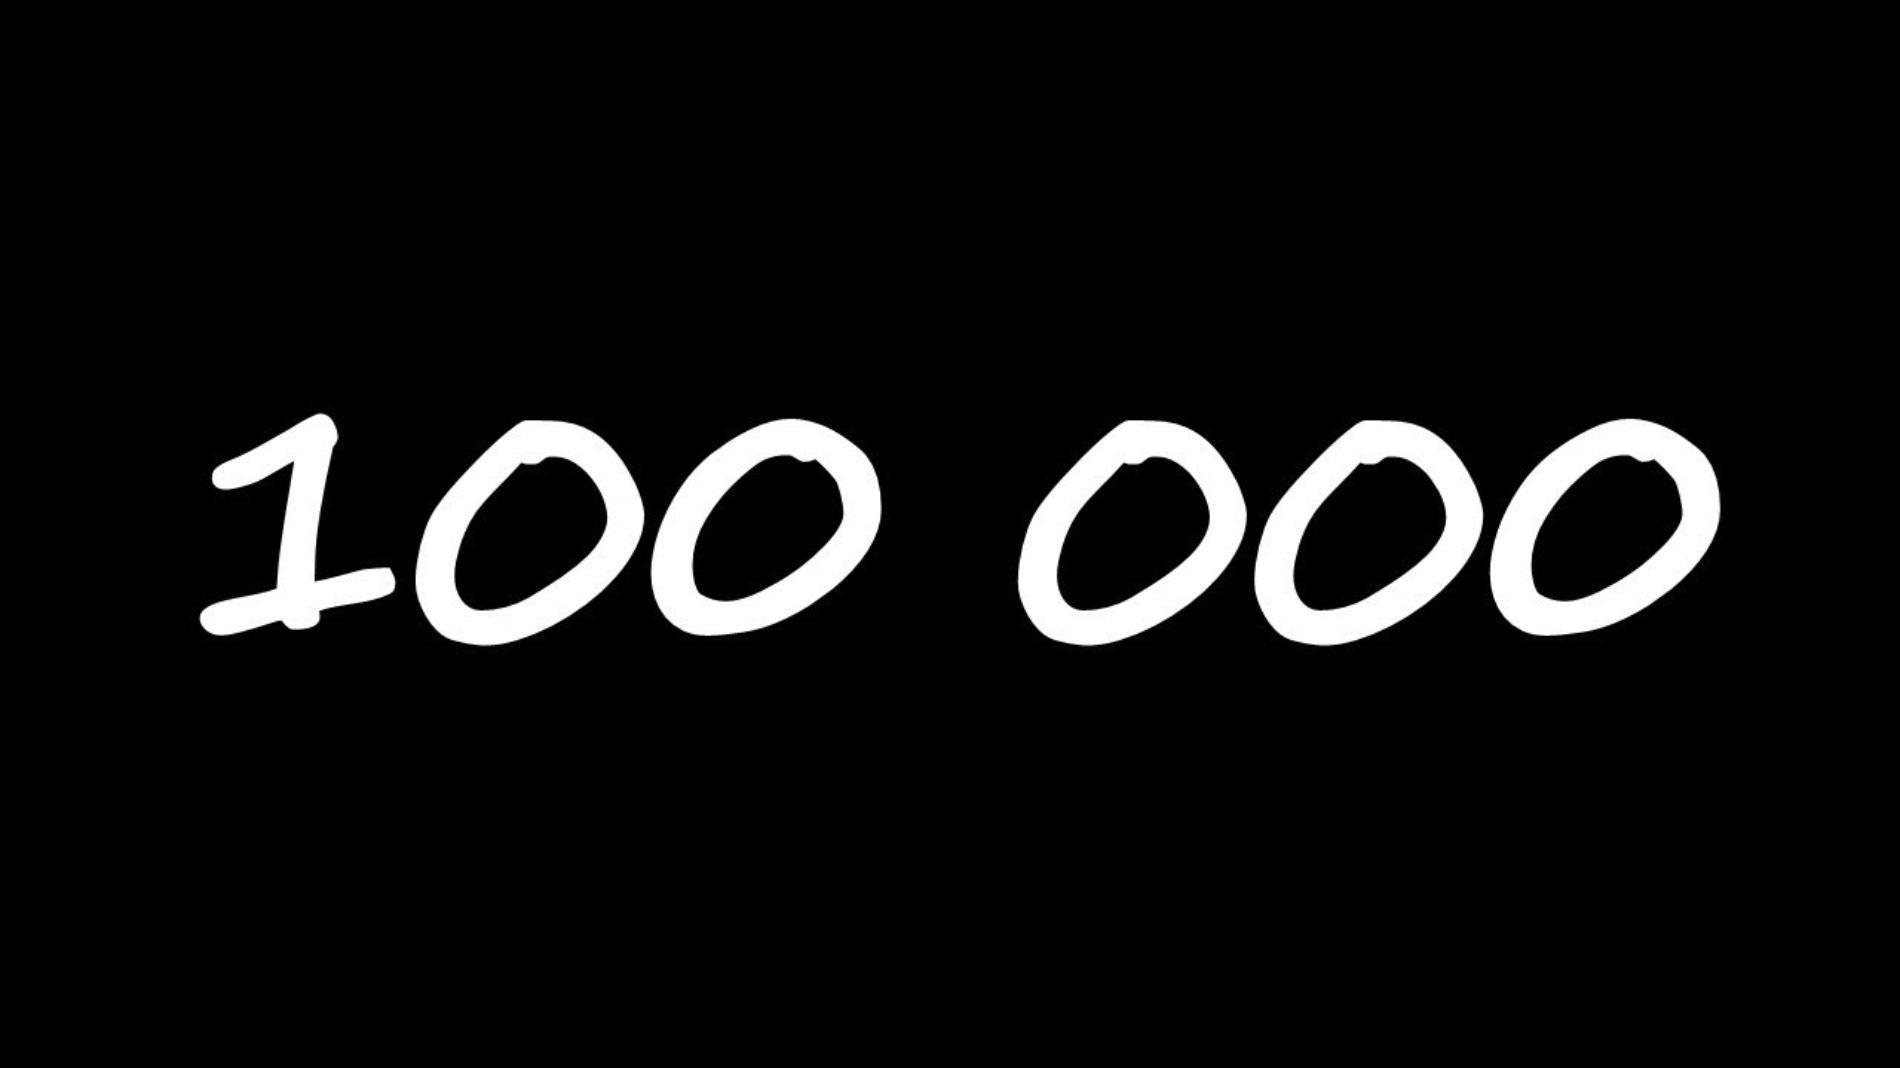 100 000 odsłon w rok i dziesięć miesięcy!